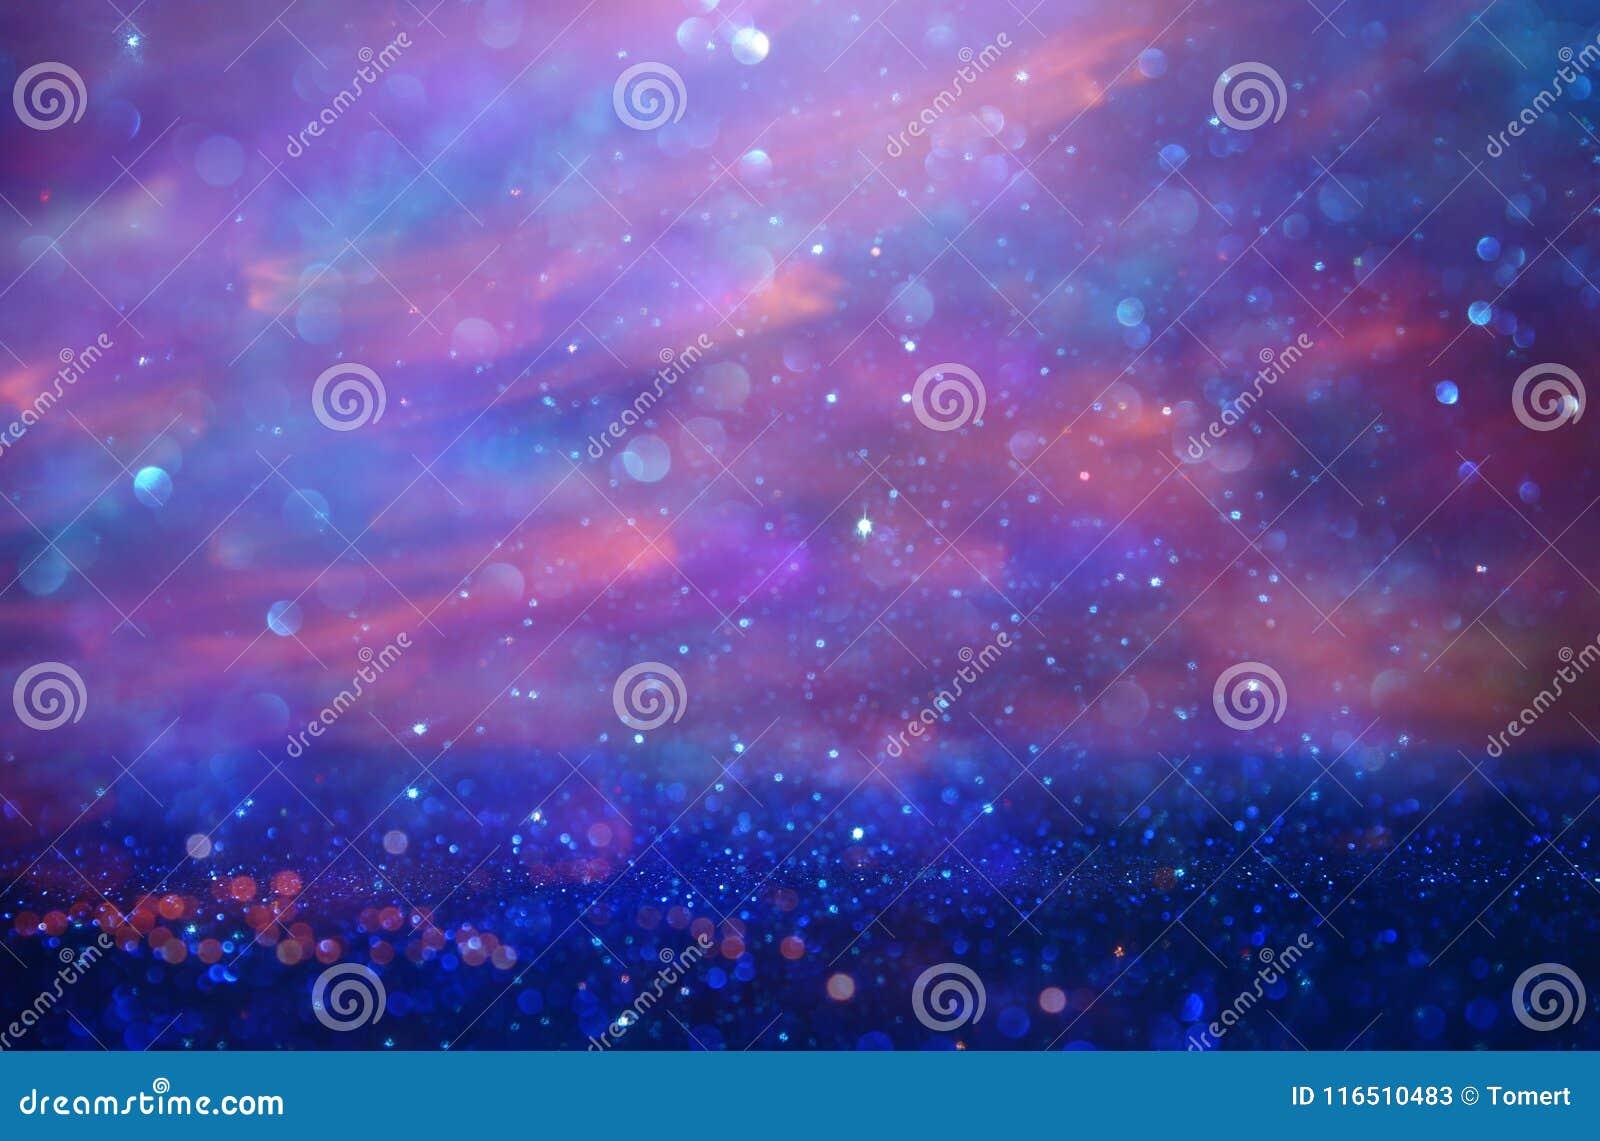 Glitter vintage lights background. pink and purple. de-focused.